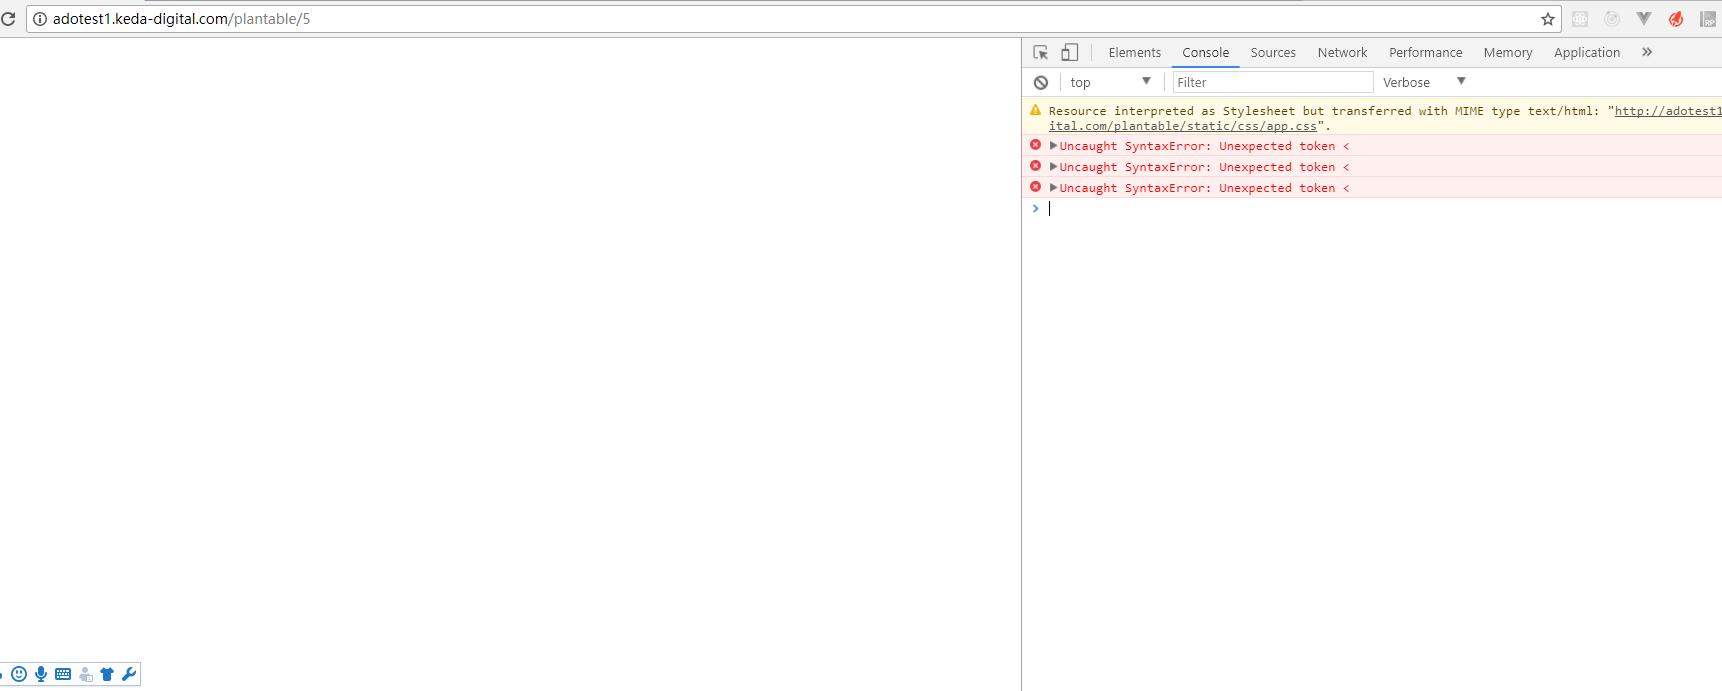 Vue 在nginx部署运行后报错Uncaught SyntaxError: Unexpected